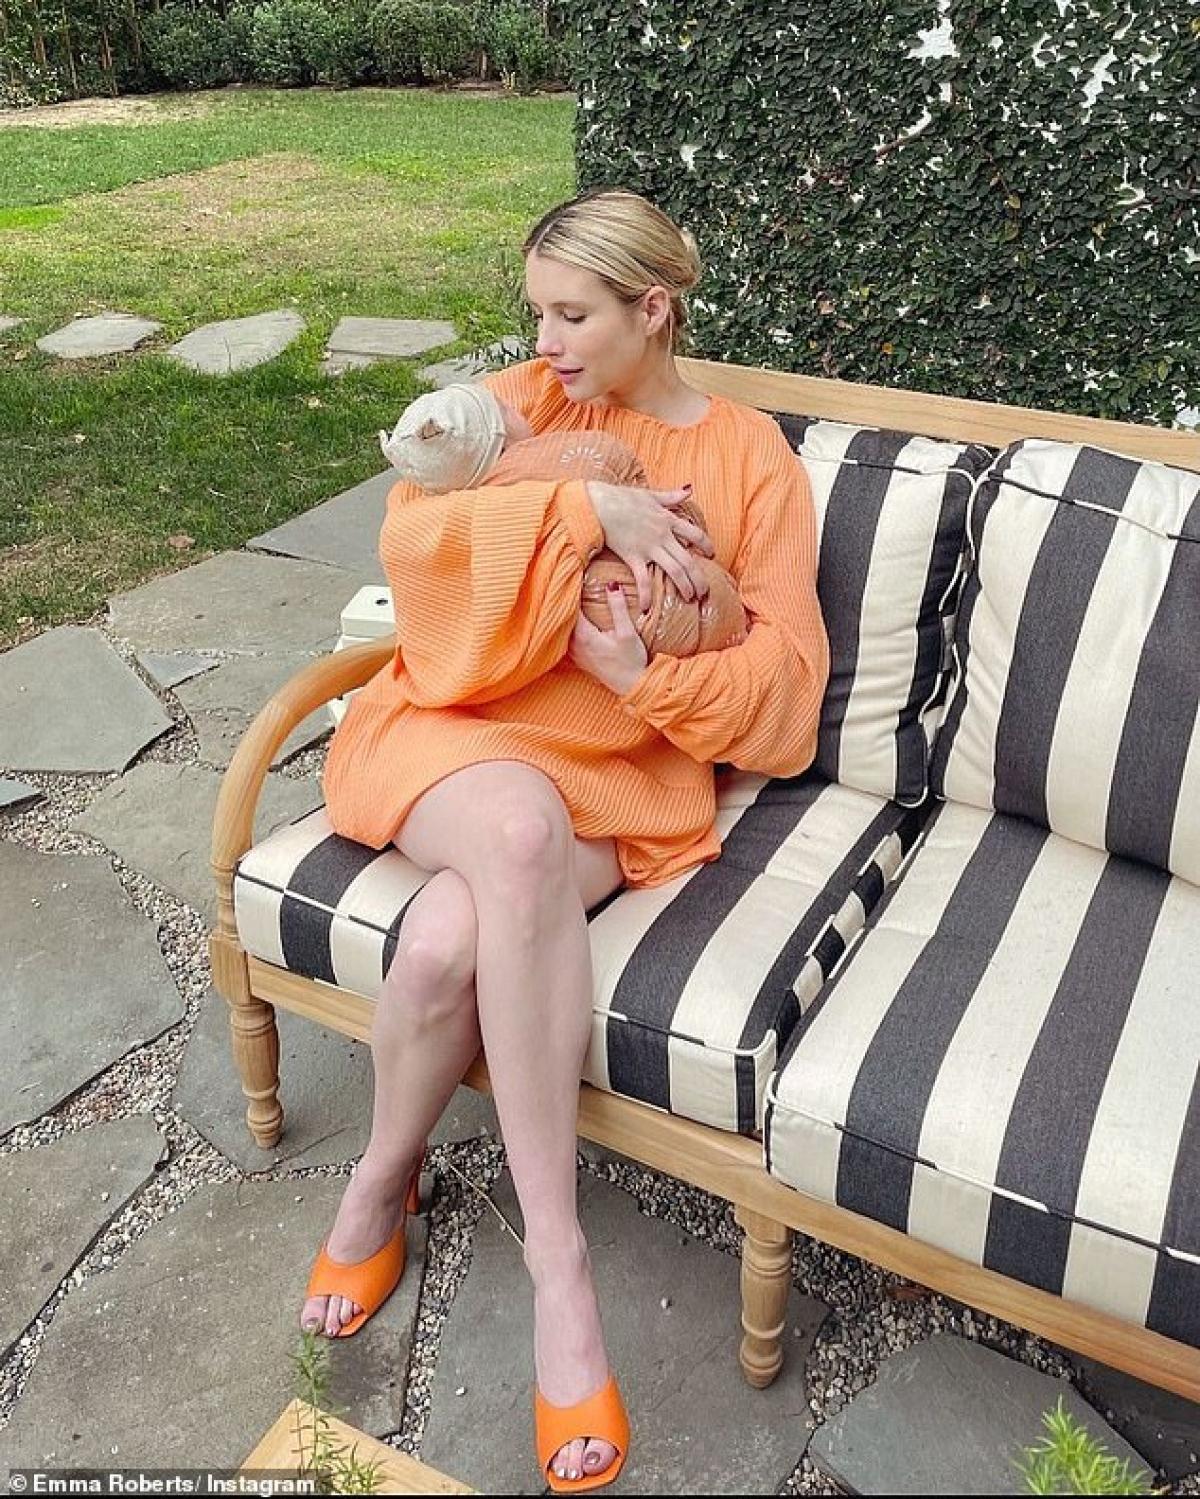 Emma Roberts công khai hẹn hò với Garrett Hedlund vào hồi tháng 3/2019 sau khi kết thúc mối tình 7 năm với hôn phu Evans Peters.